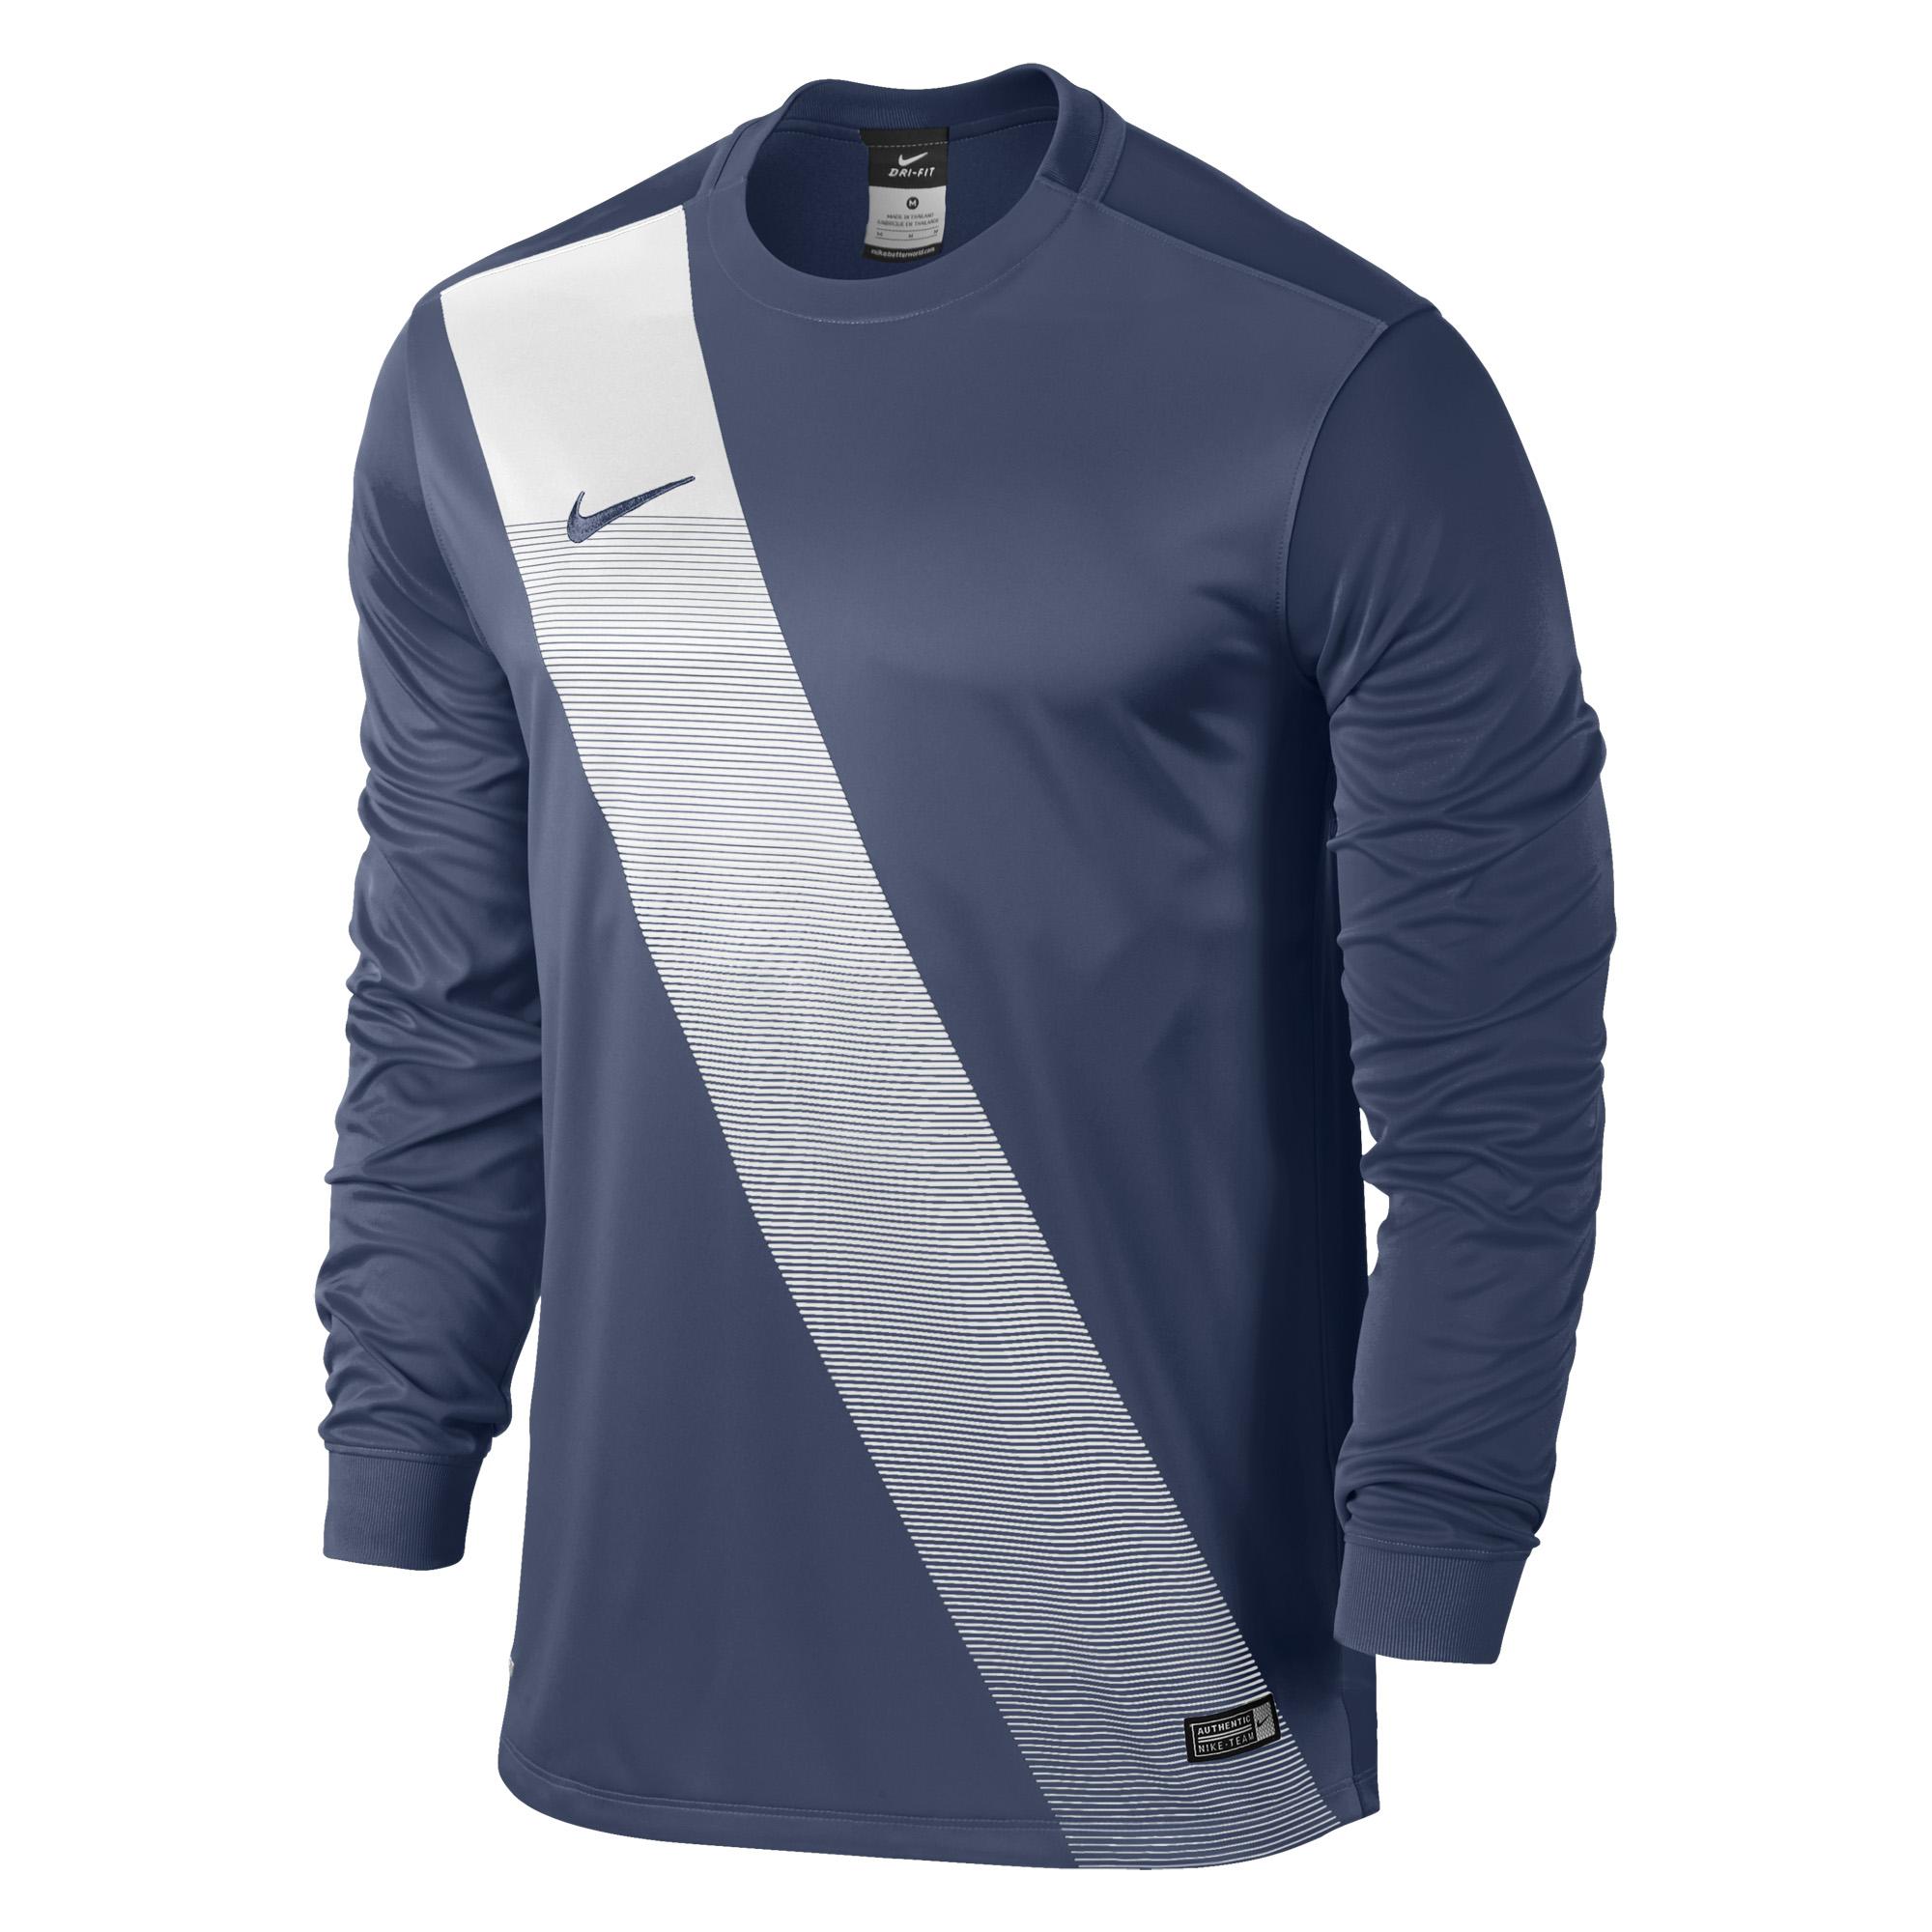 Nike Herren Langarm Trikot Sash 645493-410 S